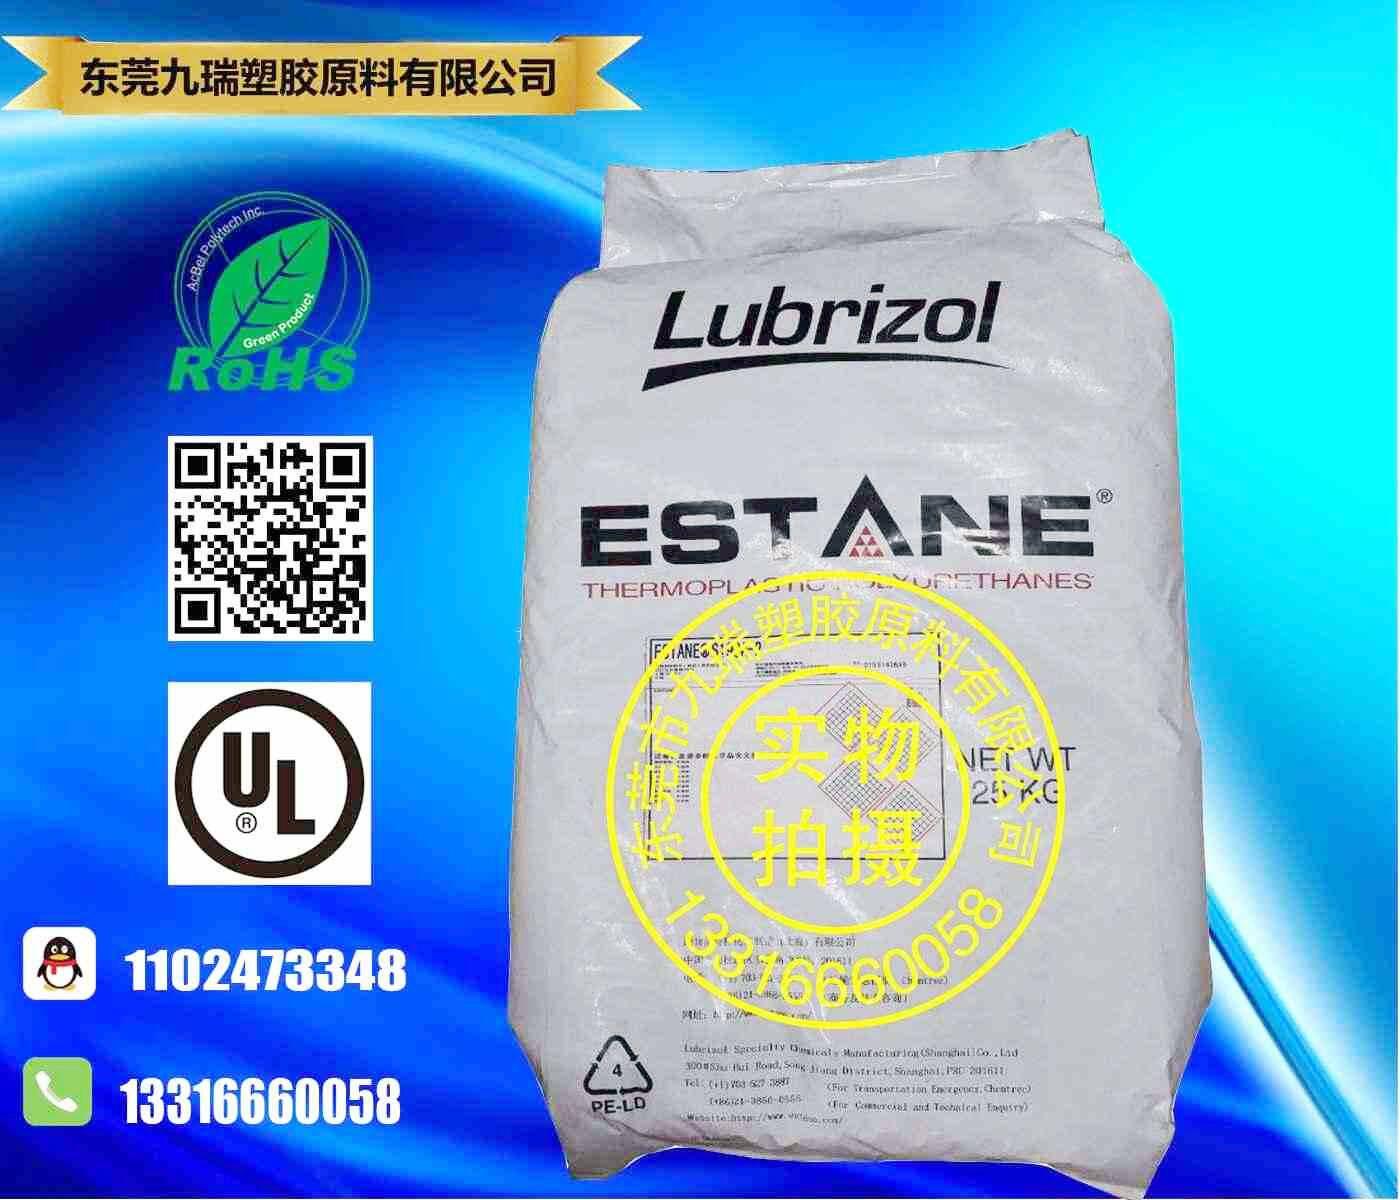 路博润TPU AG4350聚醚型脂肪族光学级薄膜专用聚氨酯